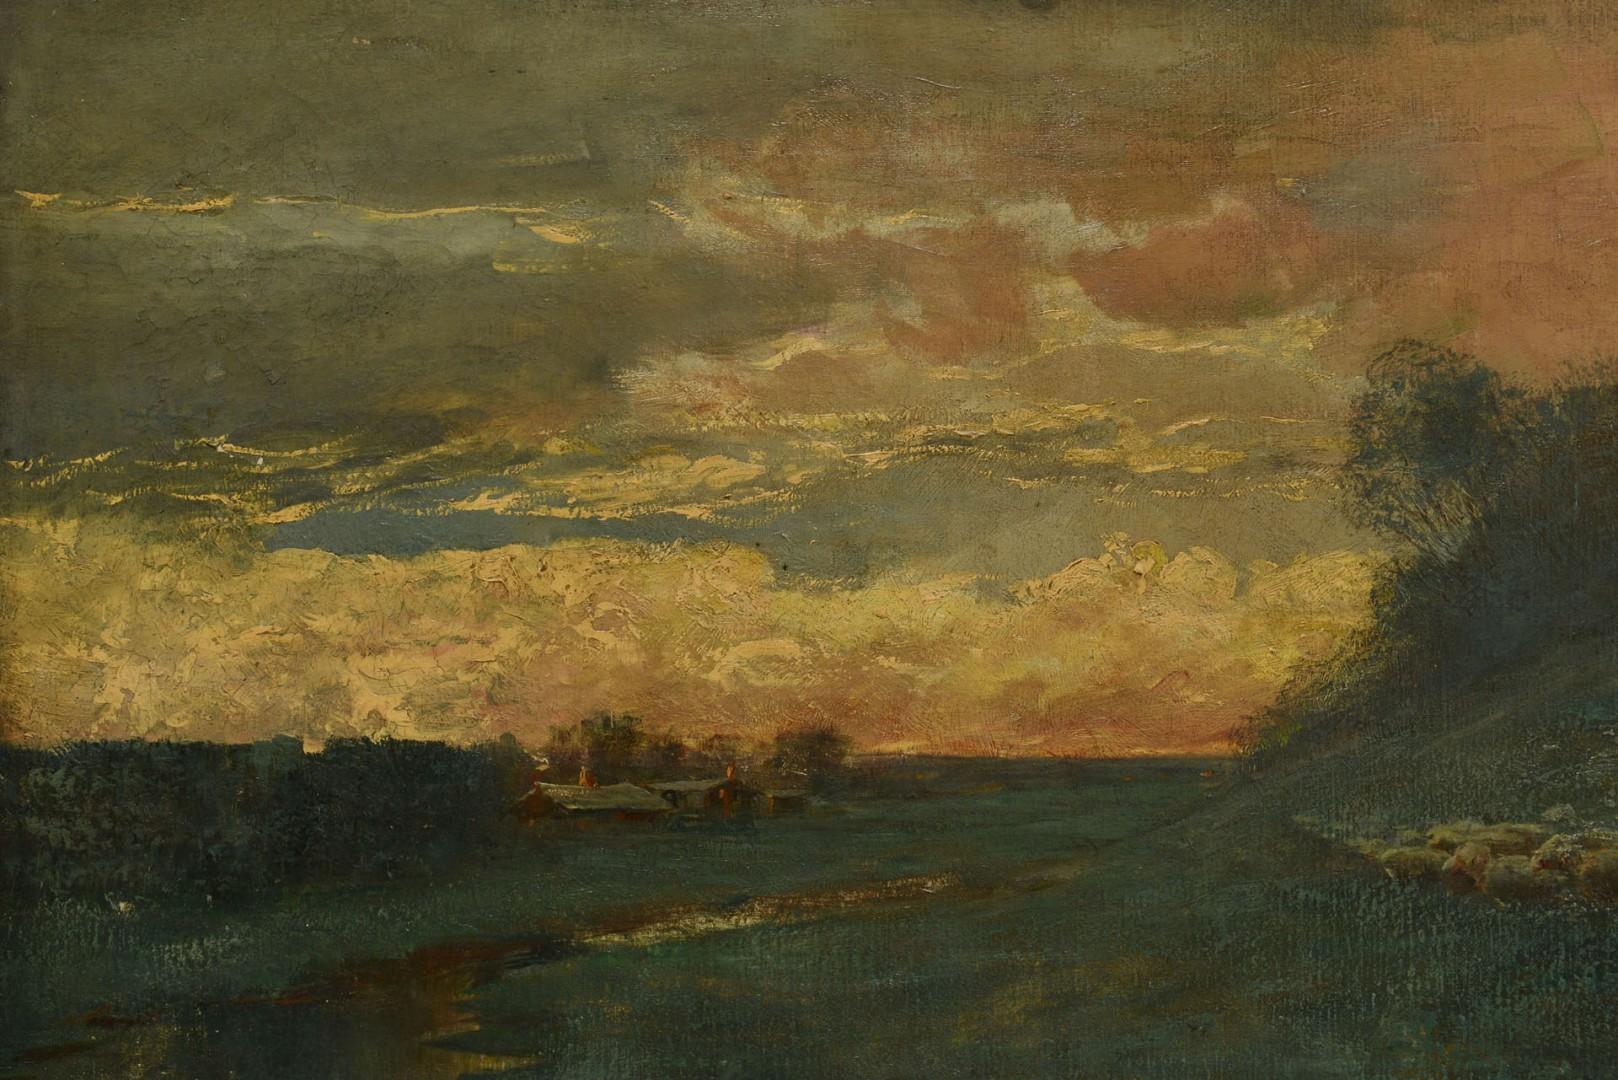 Lot 45: Large East TN Pastoral Landscape, J. W. Wallace, 1